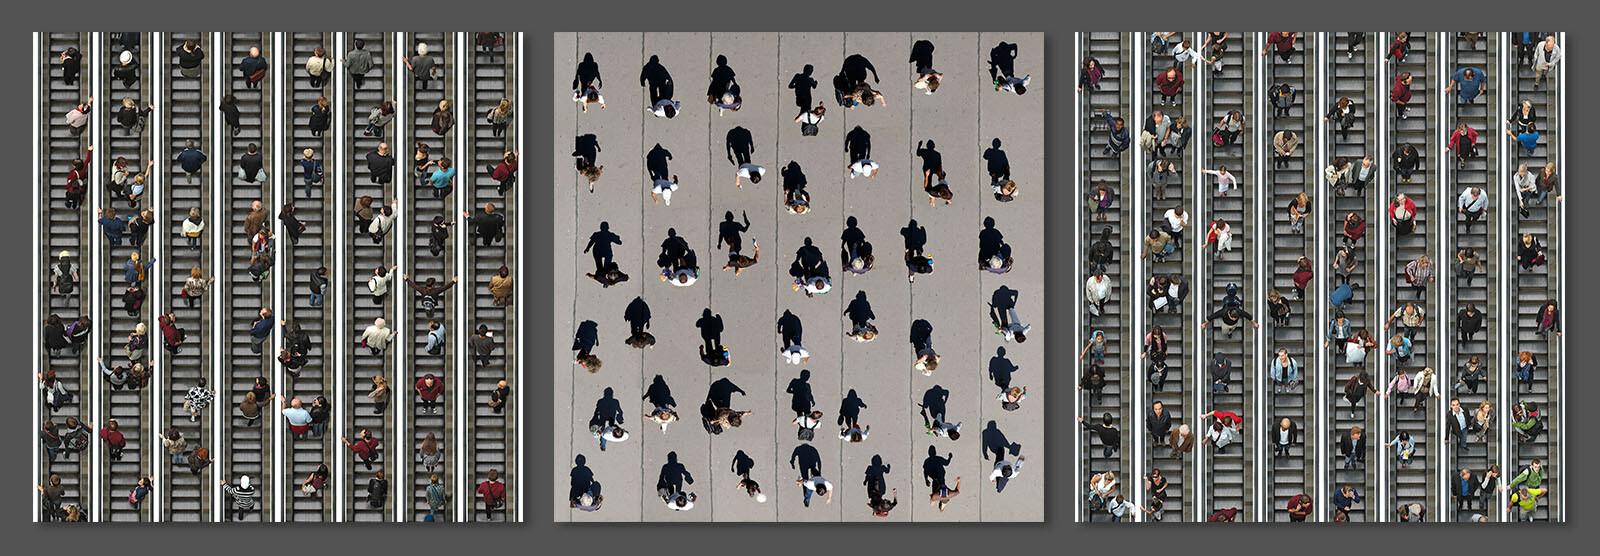 Pedestrians - Triptychon - Michael Michlmayr